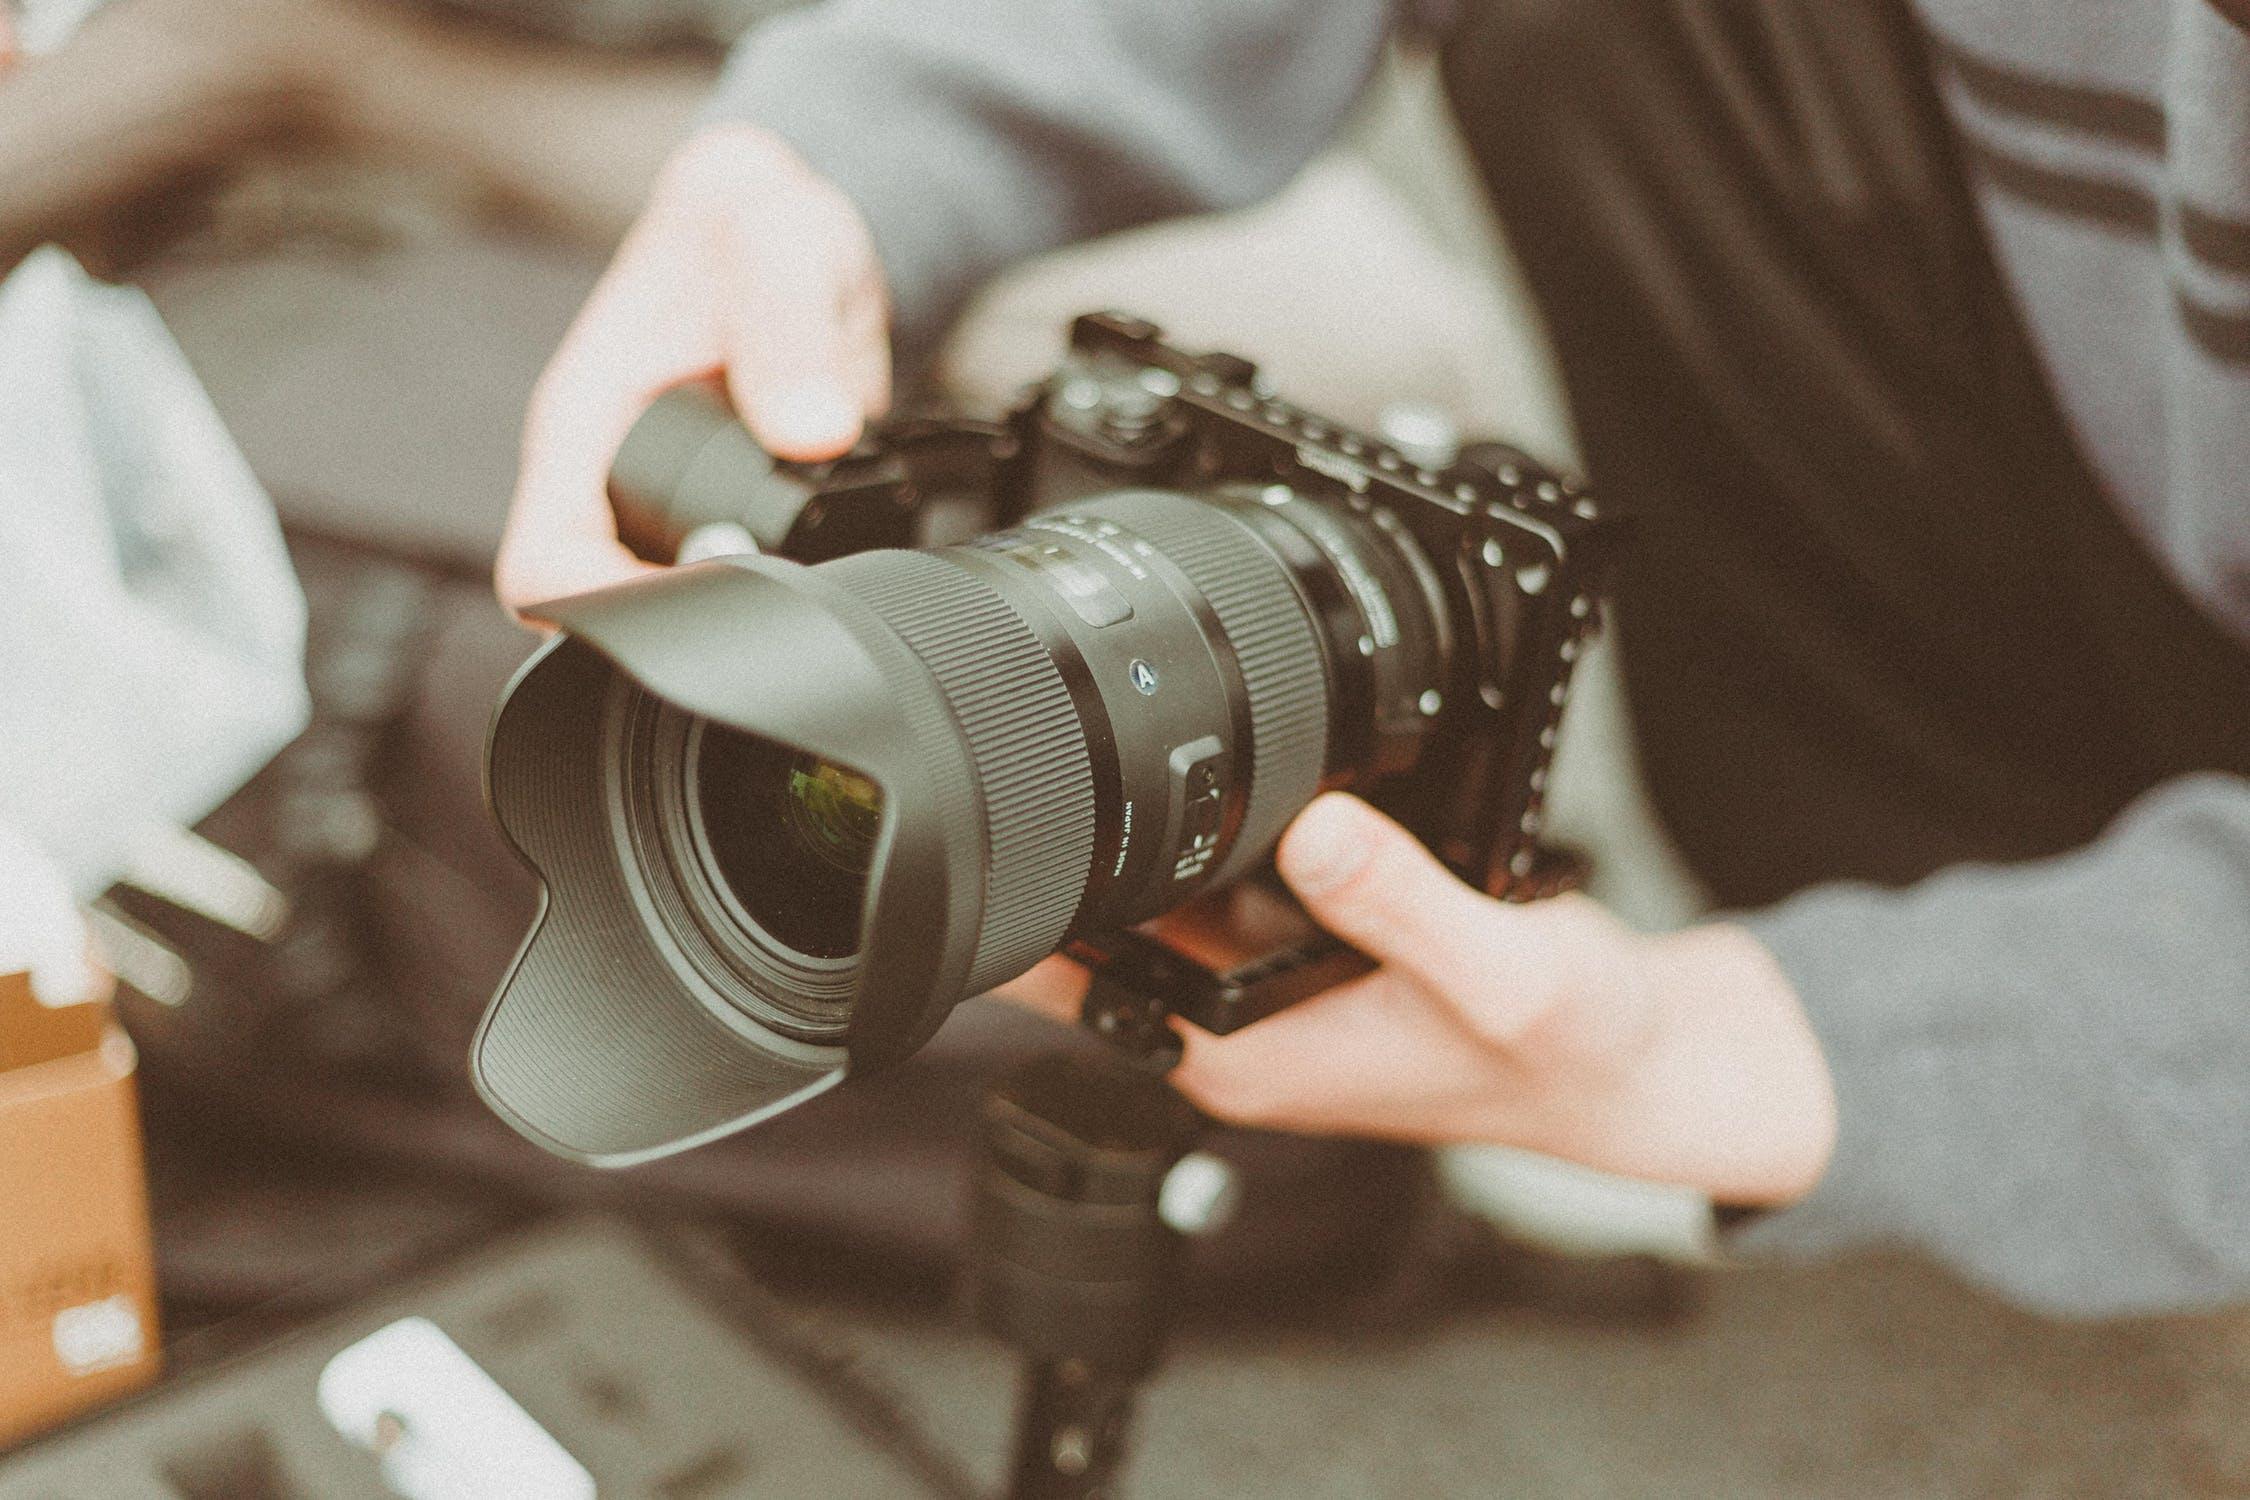 """Video-Entwicklung Sie sind auf der Suche nach potenziellen Auszubildenden, erreichen die junge Generation aber einfach nicht? Mit einem eigens auf Ihr Unternehmen zugeschnittenen Video, das """"die Sprache der Generation Y / Z spricht"""", helfen wir Ihnen, geeignete Bewerber/innen zu finden."""